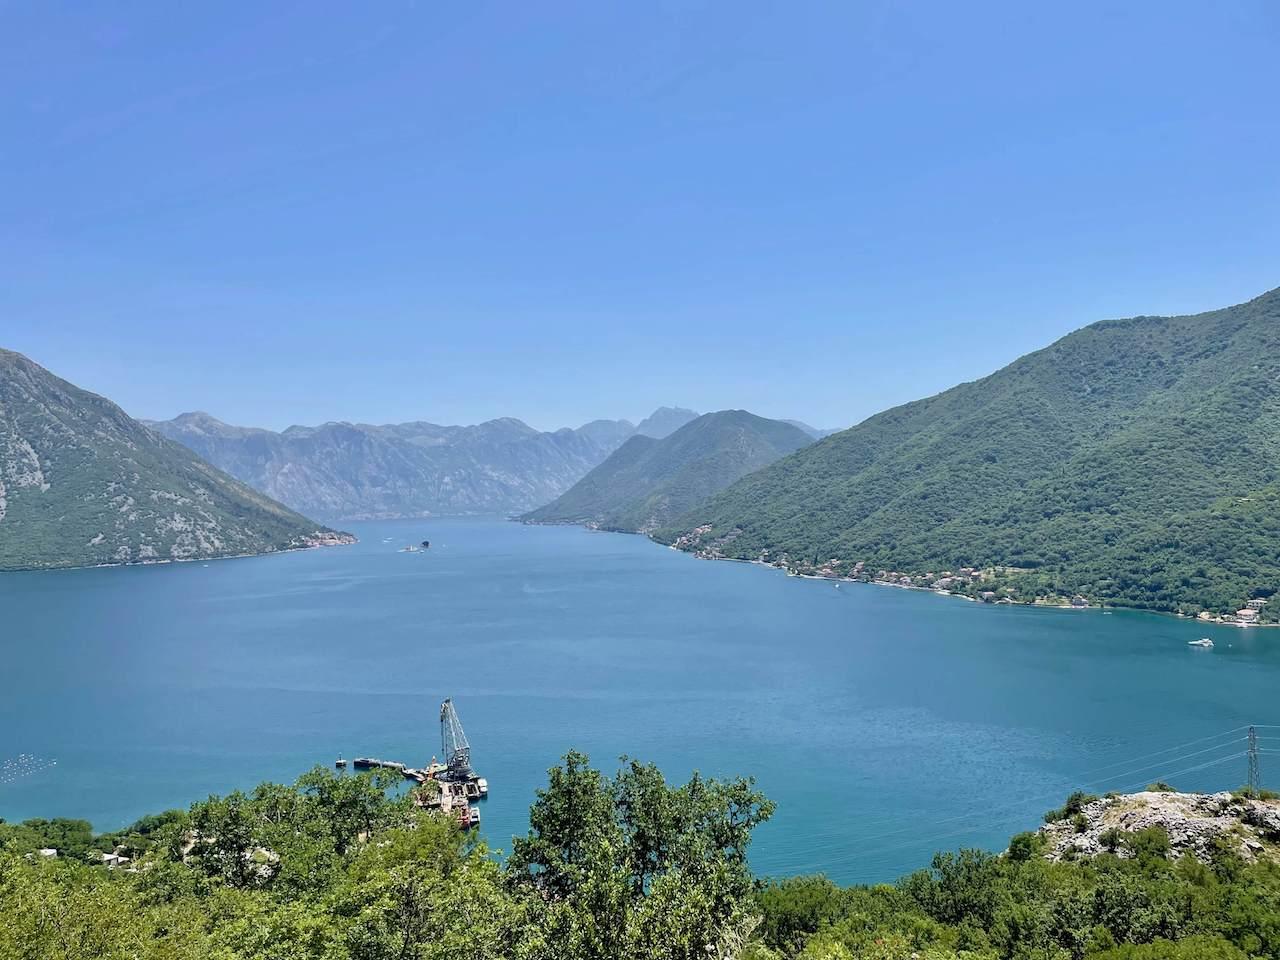 Montenegro, Kotor Bay